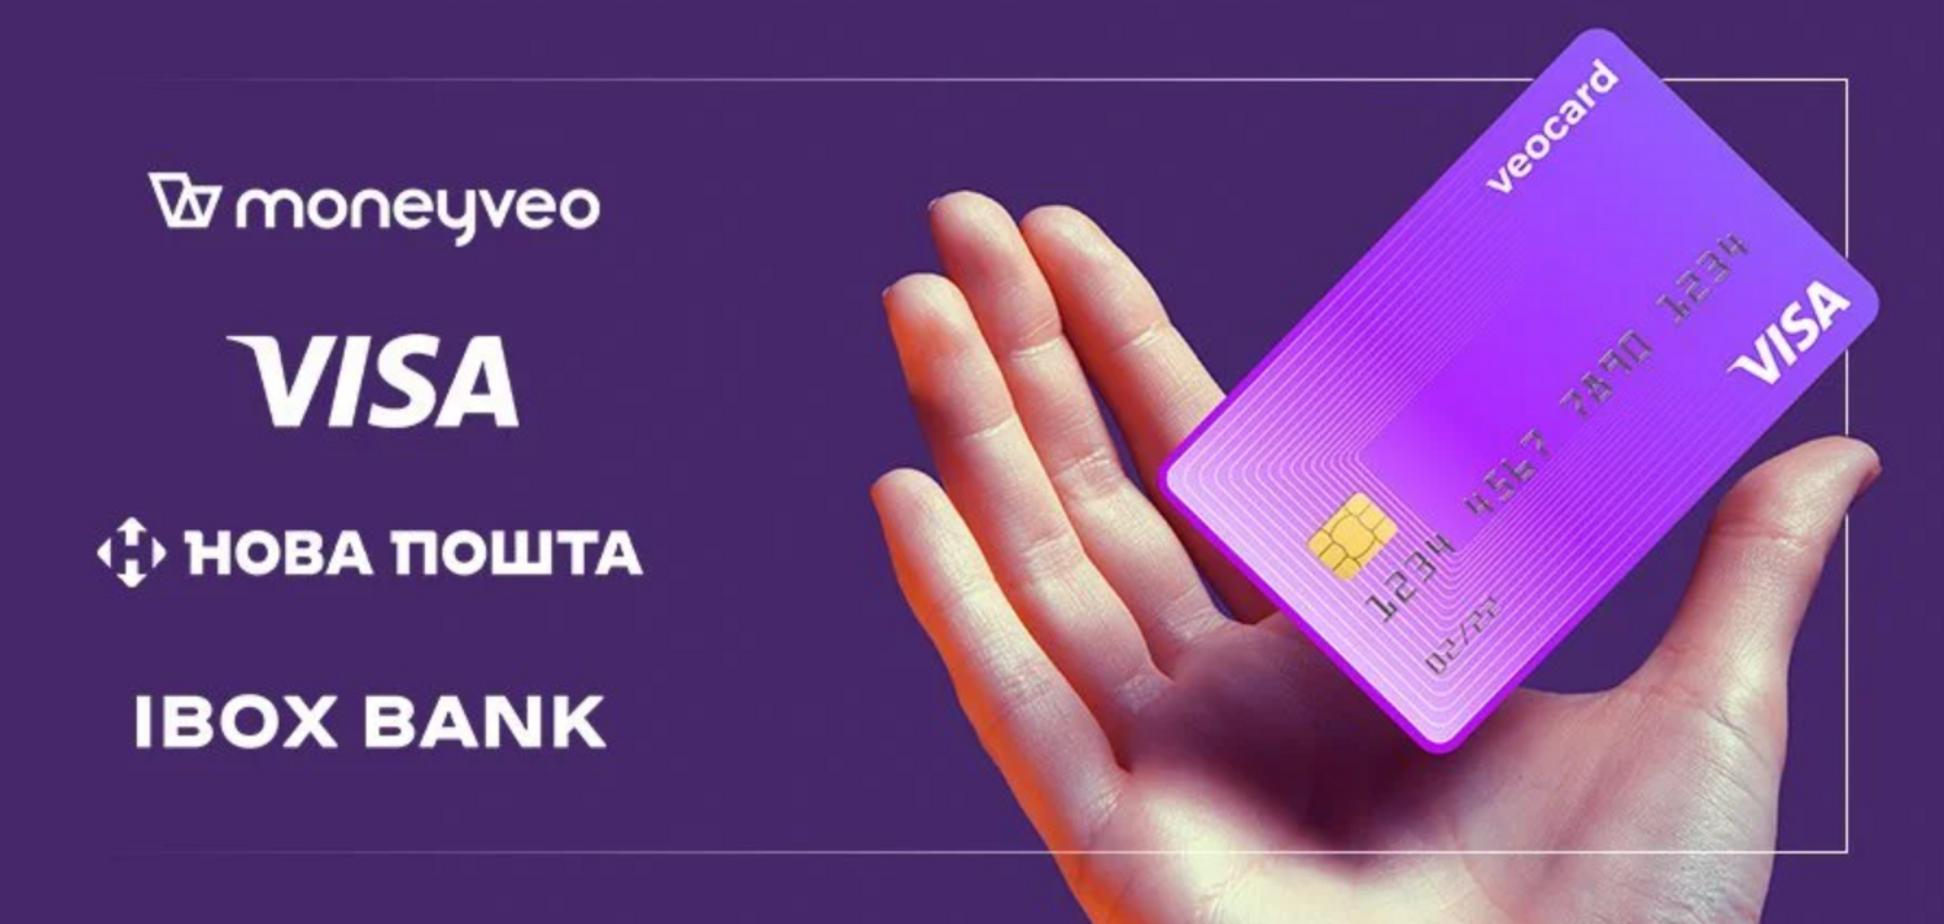 Moneyveo анонсувала випуск кредитної картки, створеної у співпраці з IBOX Bank, Visa та за підтримки Нової пошти